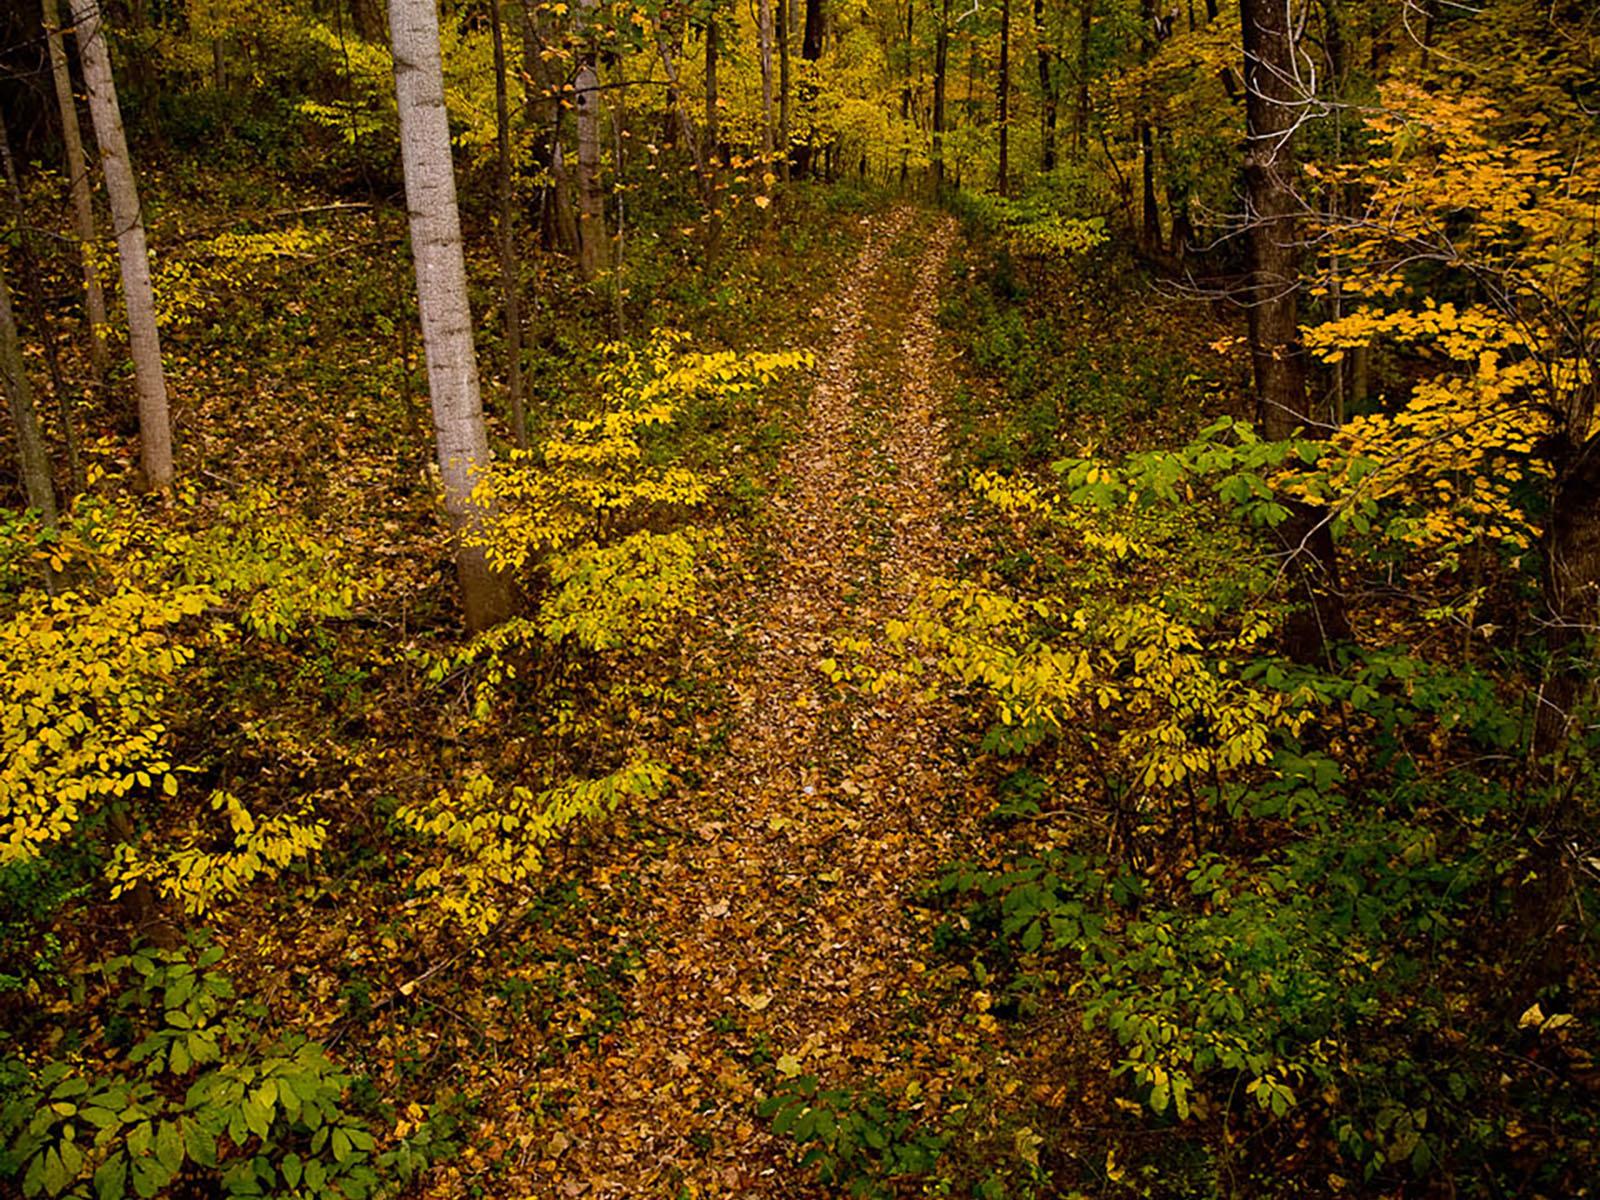 autumn leaf color in a deciduous forest  [ 1200 x 900 Pixel ]